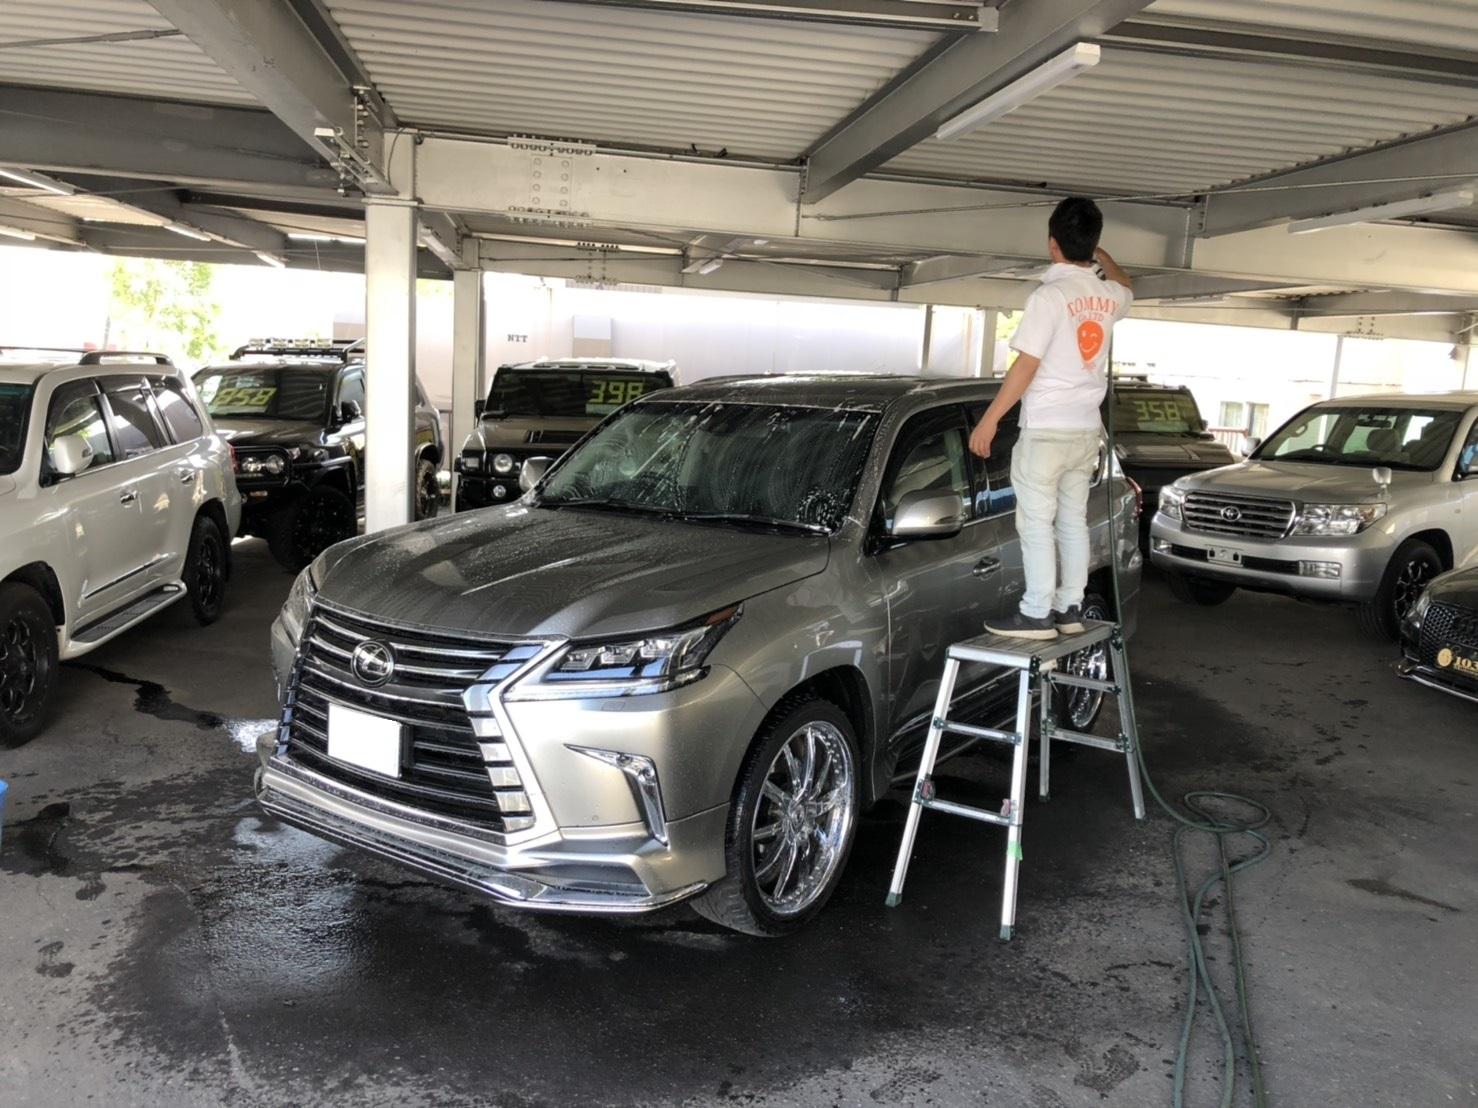 6月2日(日)♛クラウンK様&LX450DI様納車♛ランクル レクサス ベンツ⊛TOMMY⊛_b0127002_18170686.jpg